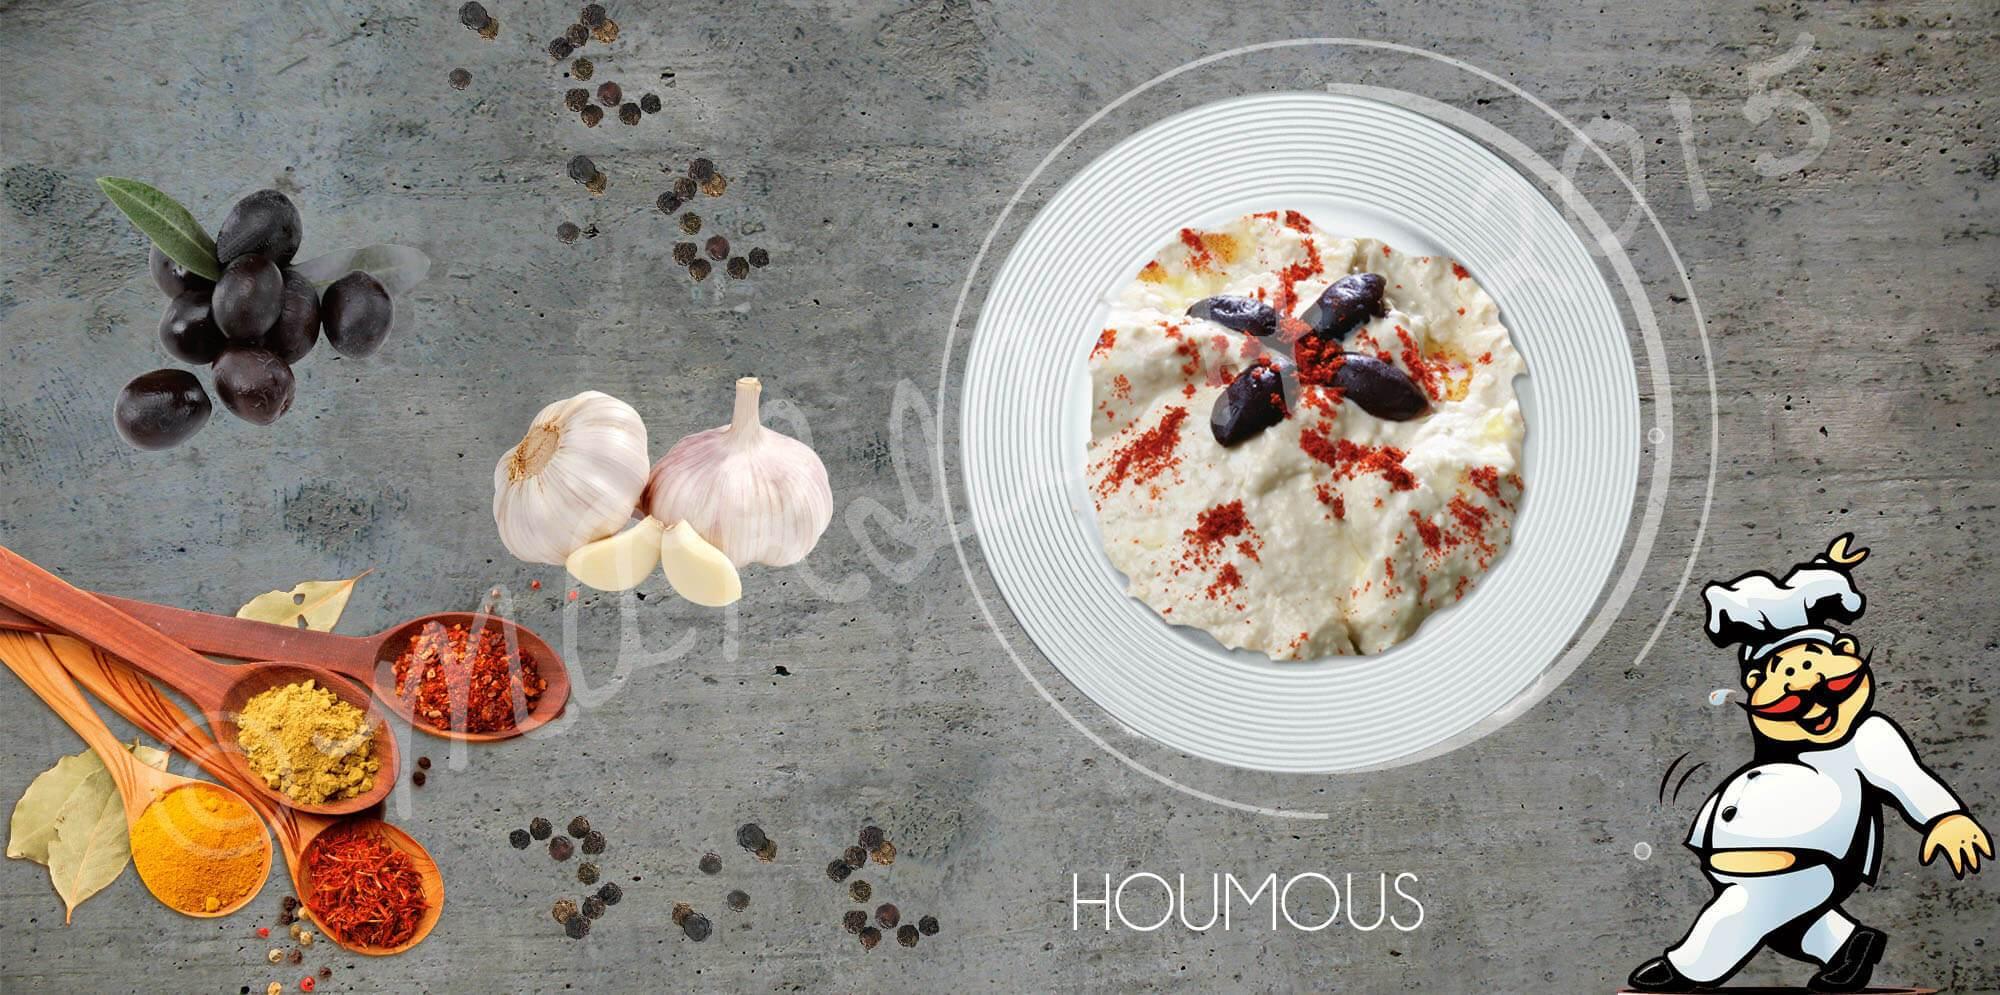 Houmous Salad